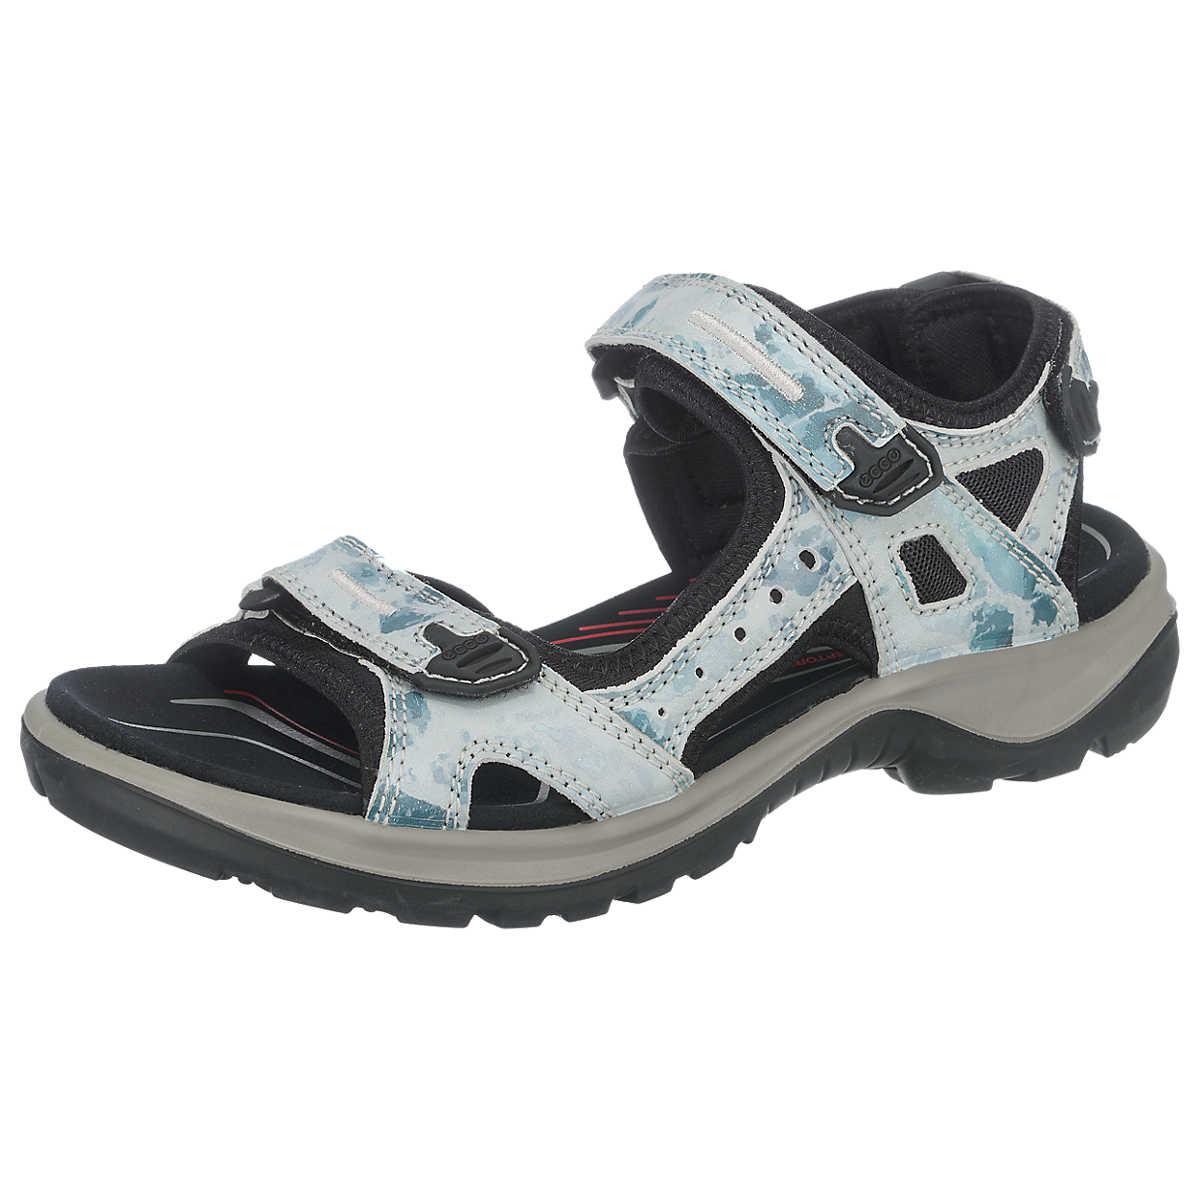 ecco Offroad Sandalen blau-kombi - ecco - Sandalen - Schuhe - mirapodo.de